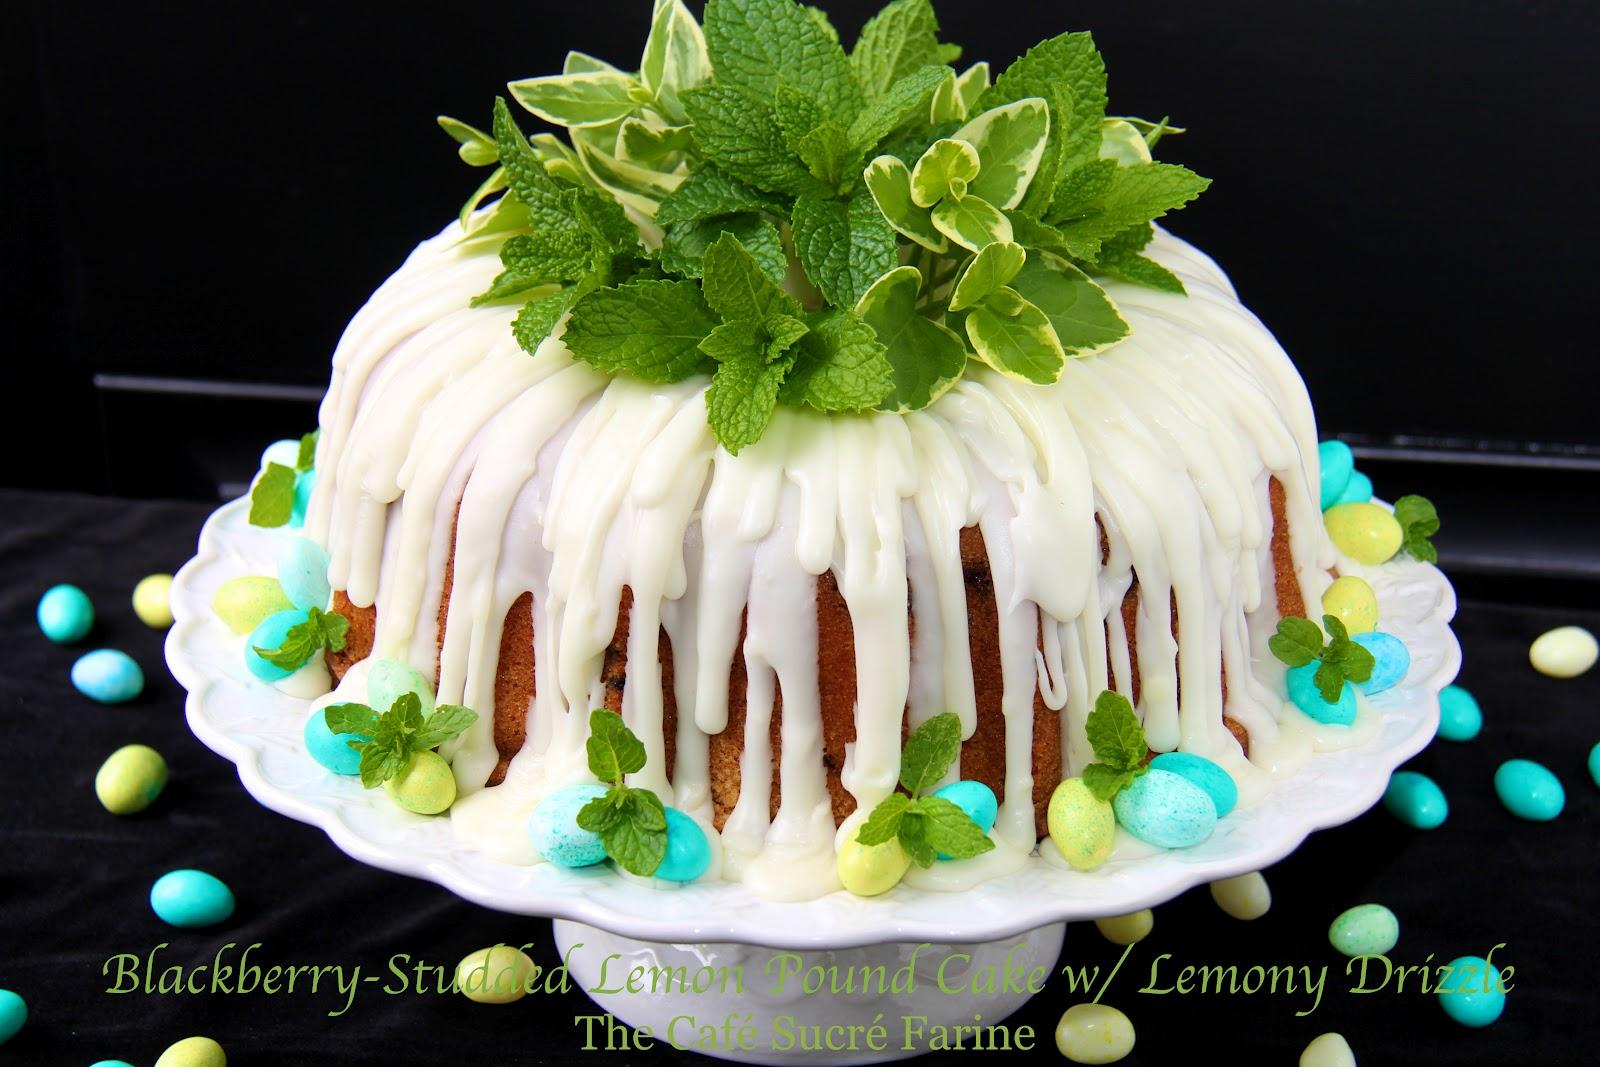 Blackberry Studded Lemon Pound Cake W Lemony Drizzle The Cafe